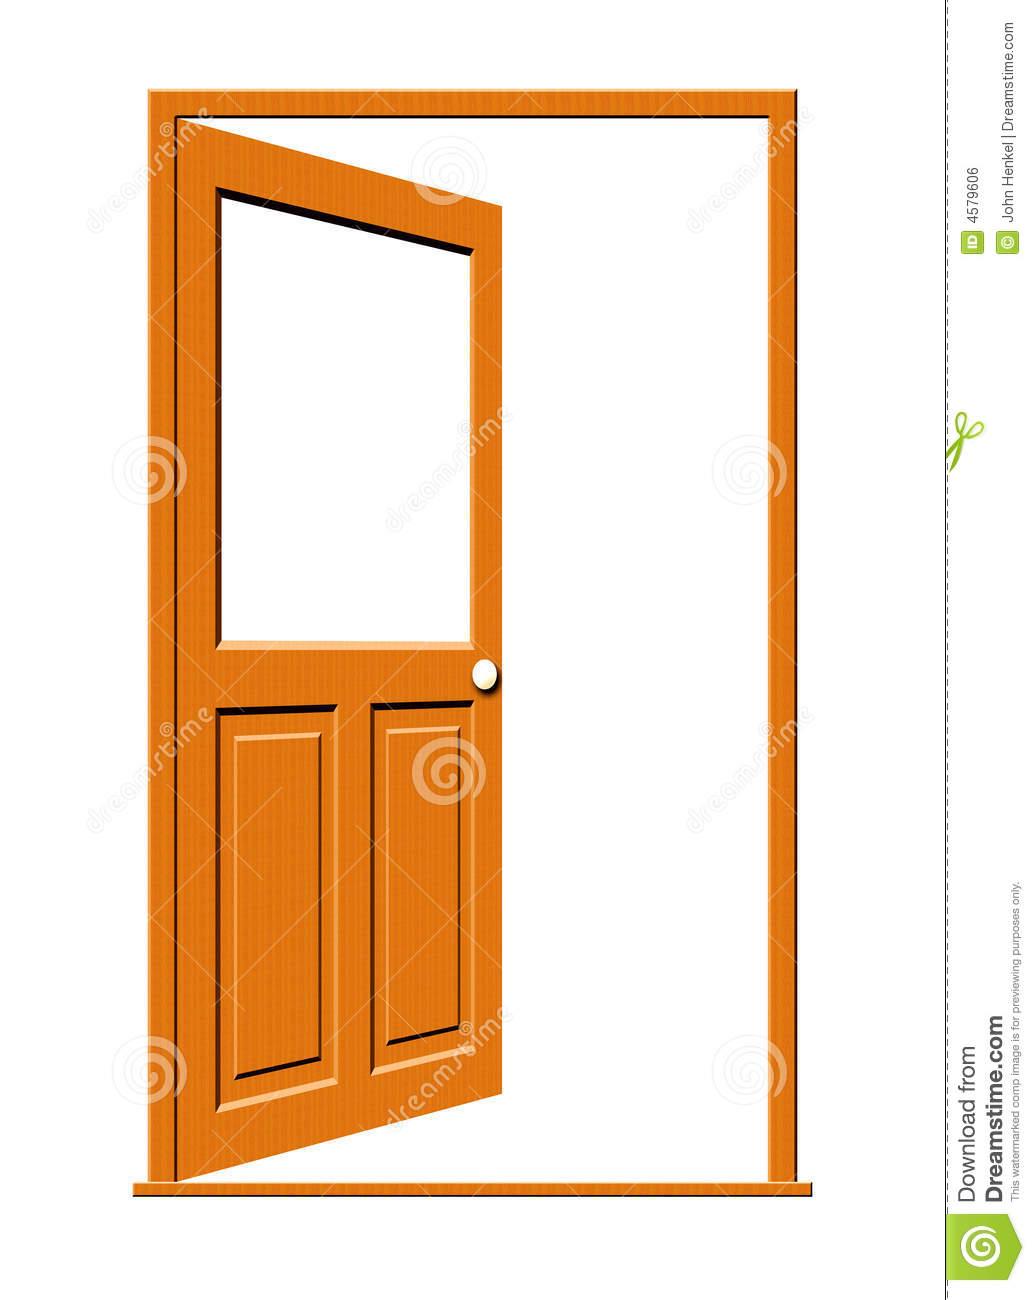 open clipartlook. Door clipart opened door